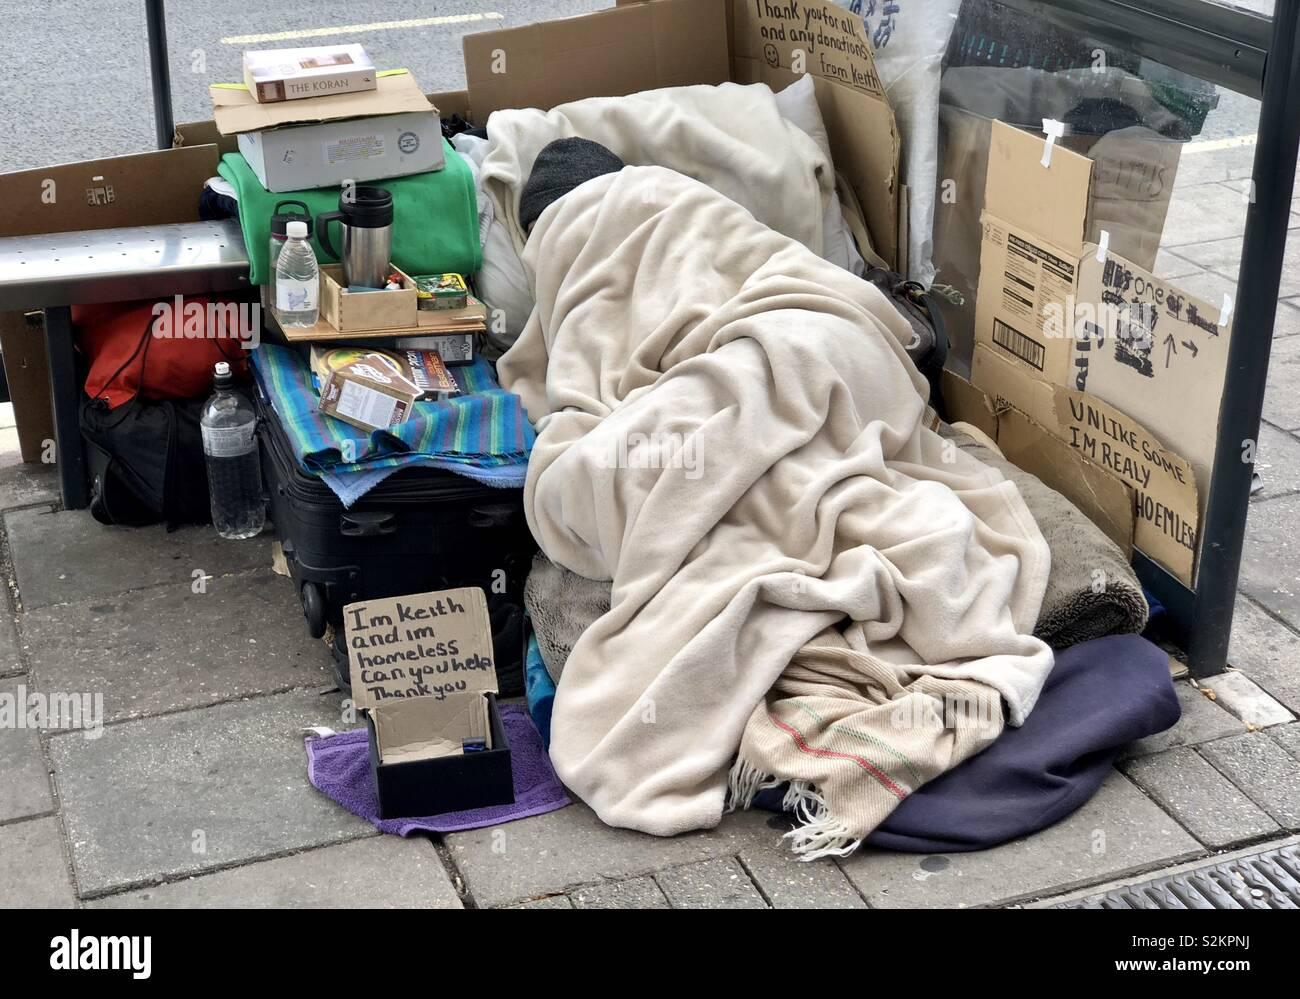 homelessness-in-the-uk-S2KPNJ.jpg?profile=RESIZE_400x